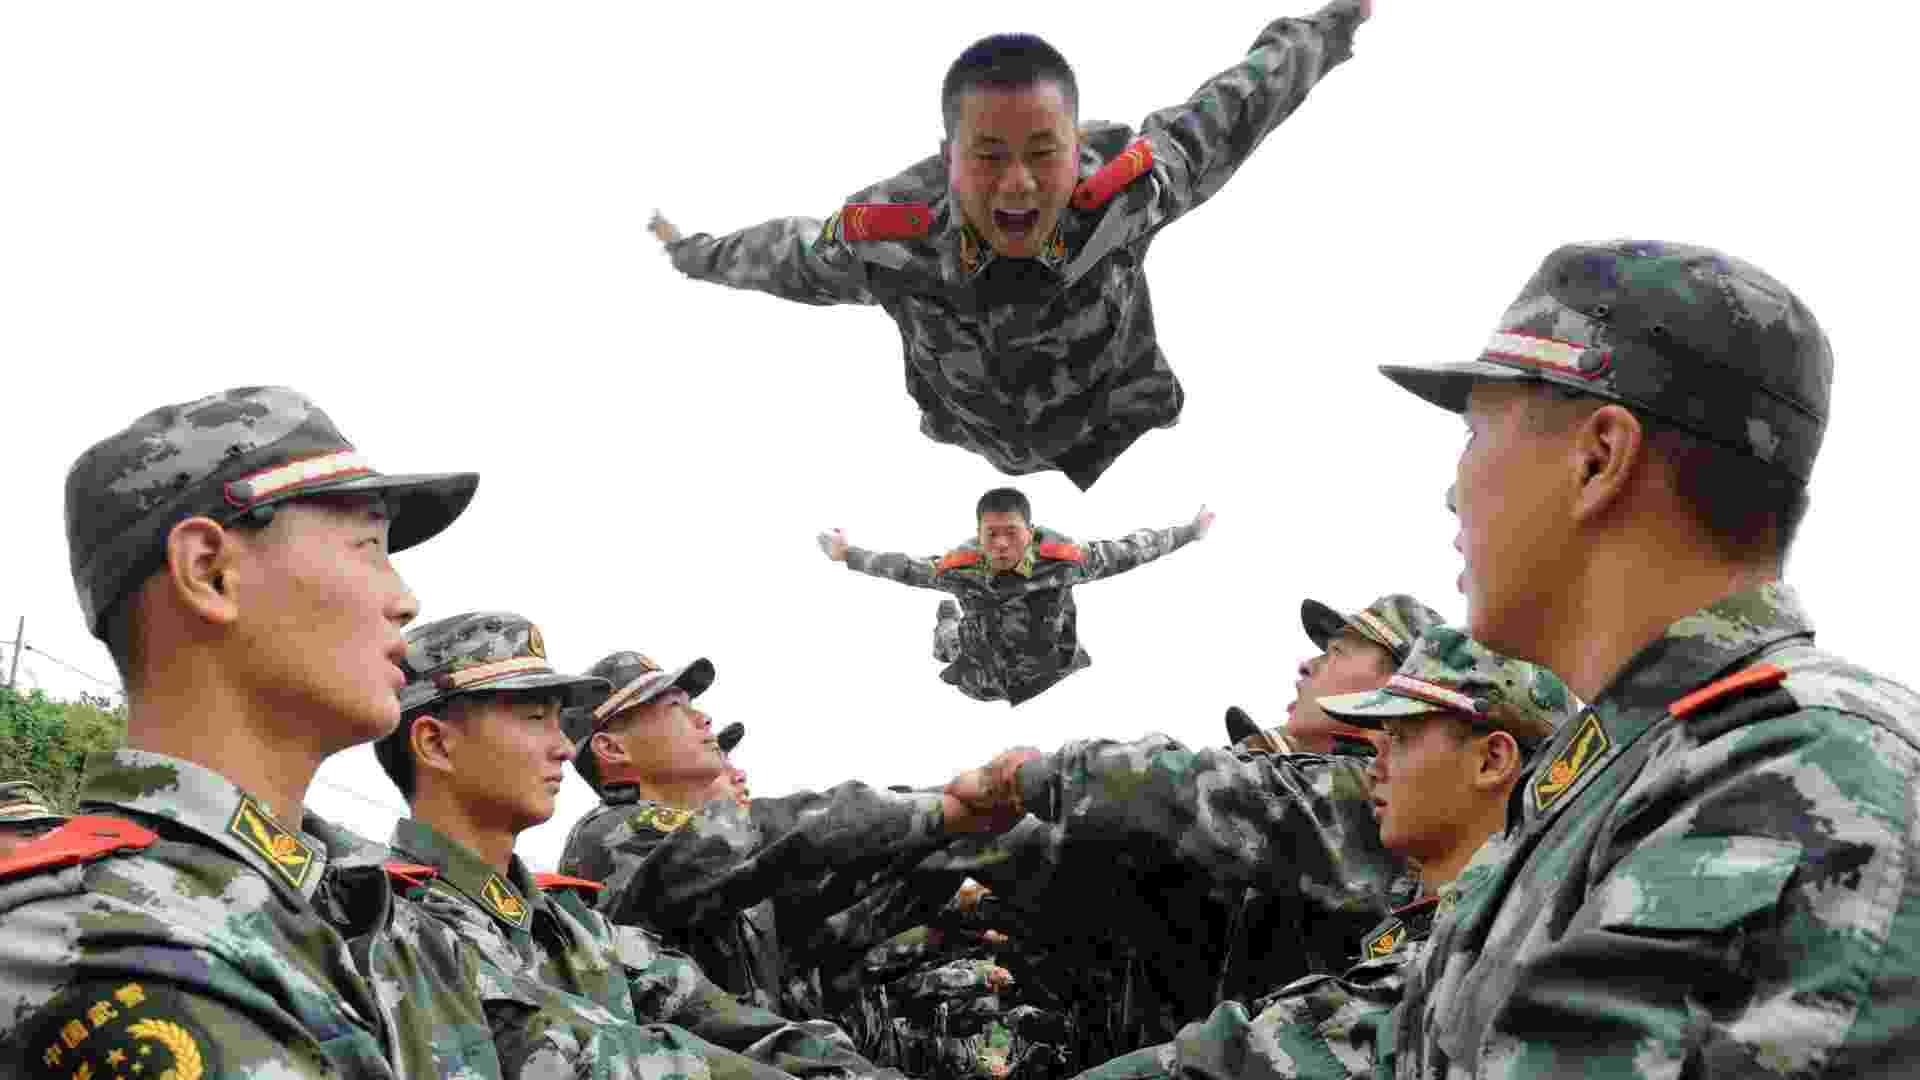 28.ago.2012 - Soldados militares participam de treinamento em Tongling, na província de Anhui, na China - Reuters